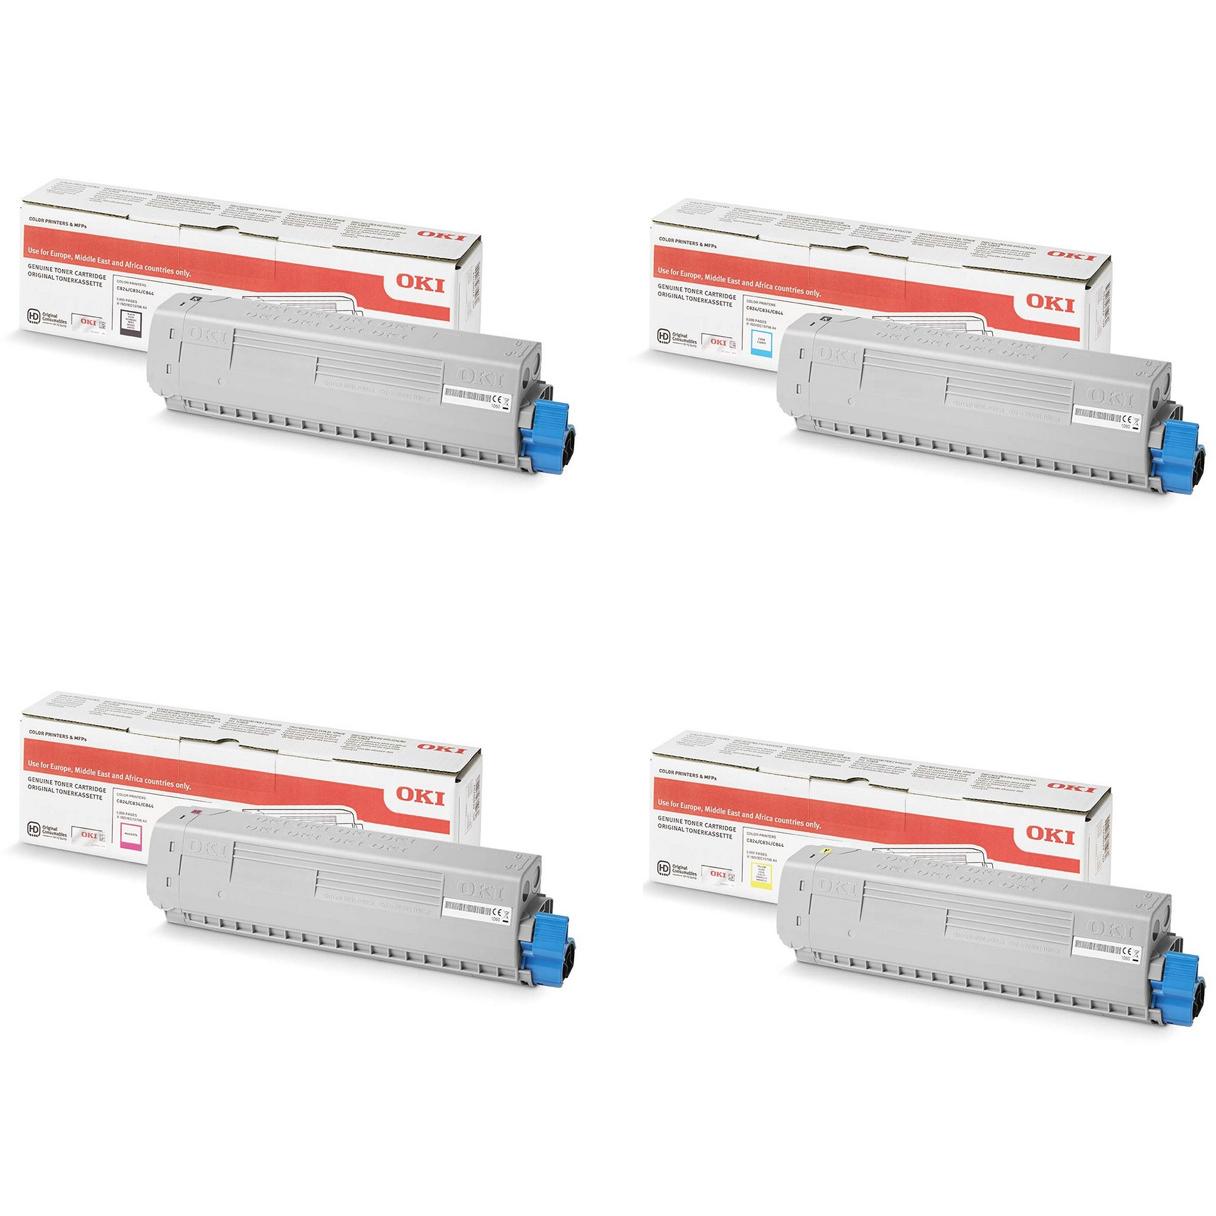 Original Oki 4709570 CMYK Multipack Toner Cartridges (47095704/ 47095703/ 47095702/ 47095701)